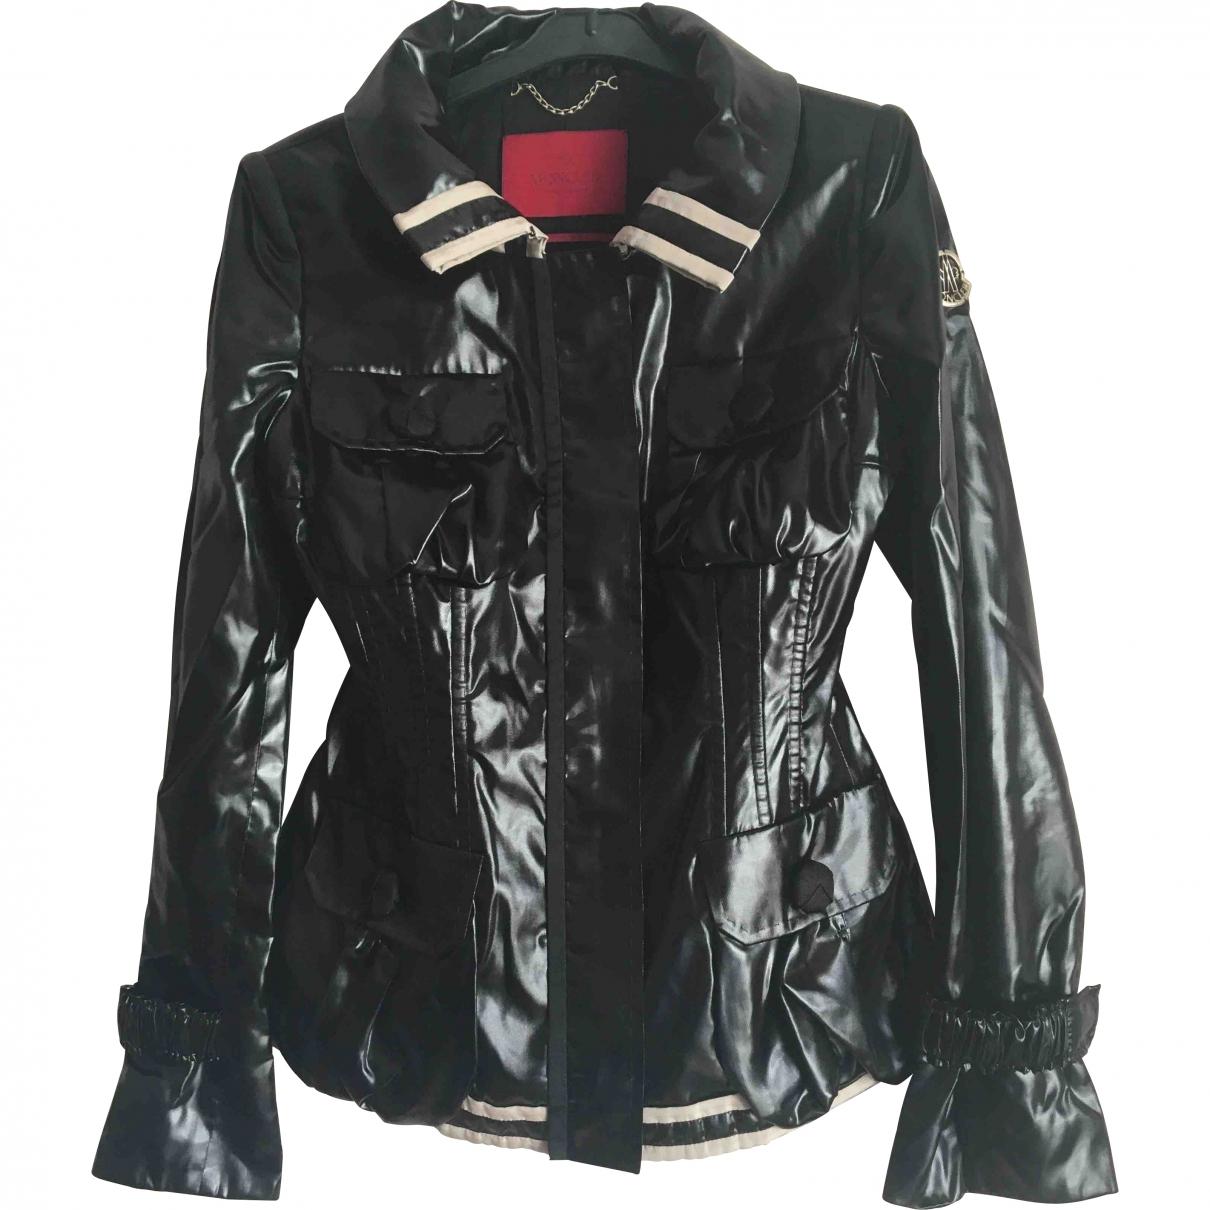 Moncler \N Black jacket for Women 1 US